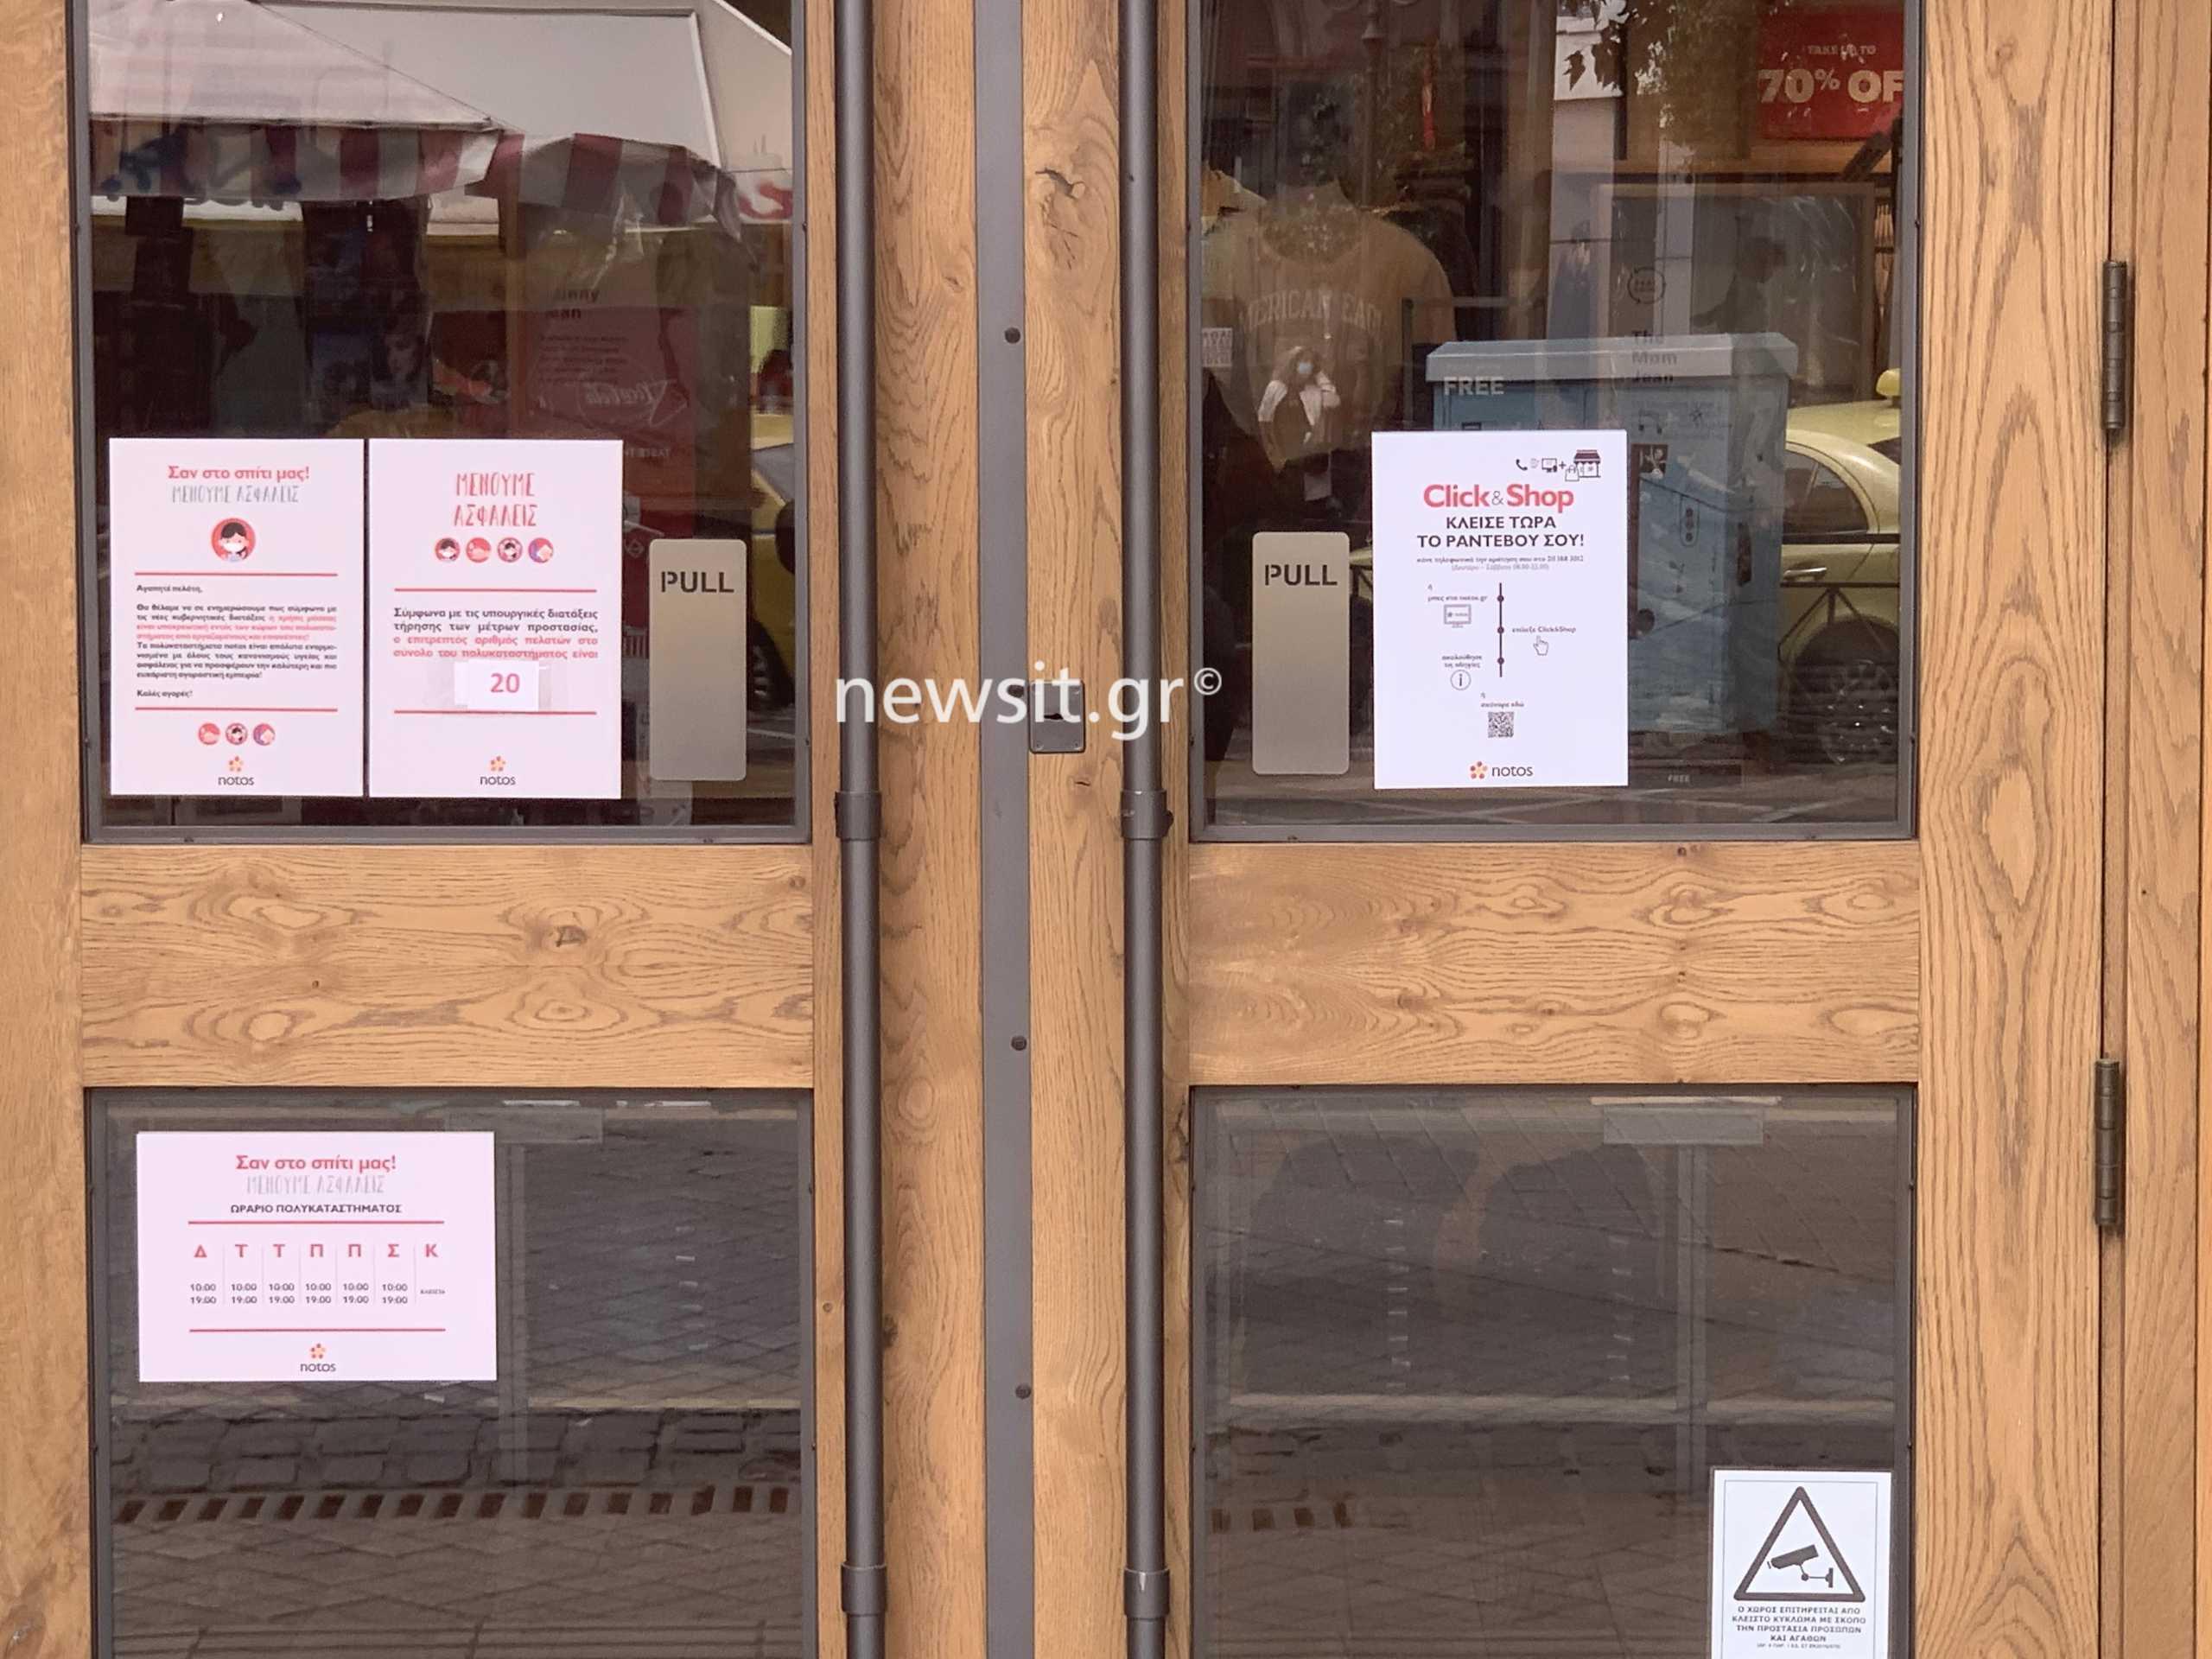 Άνοιξε μεγάλο πολυκατάστημα στην Αθήνα ενώ απαγορεύεται!